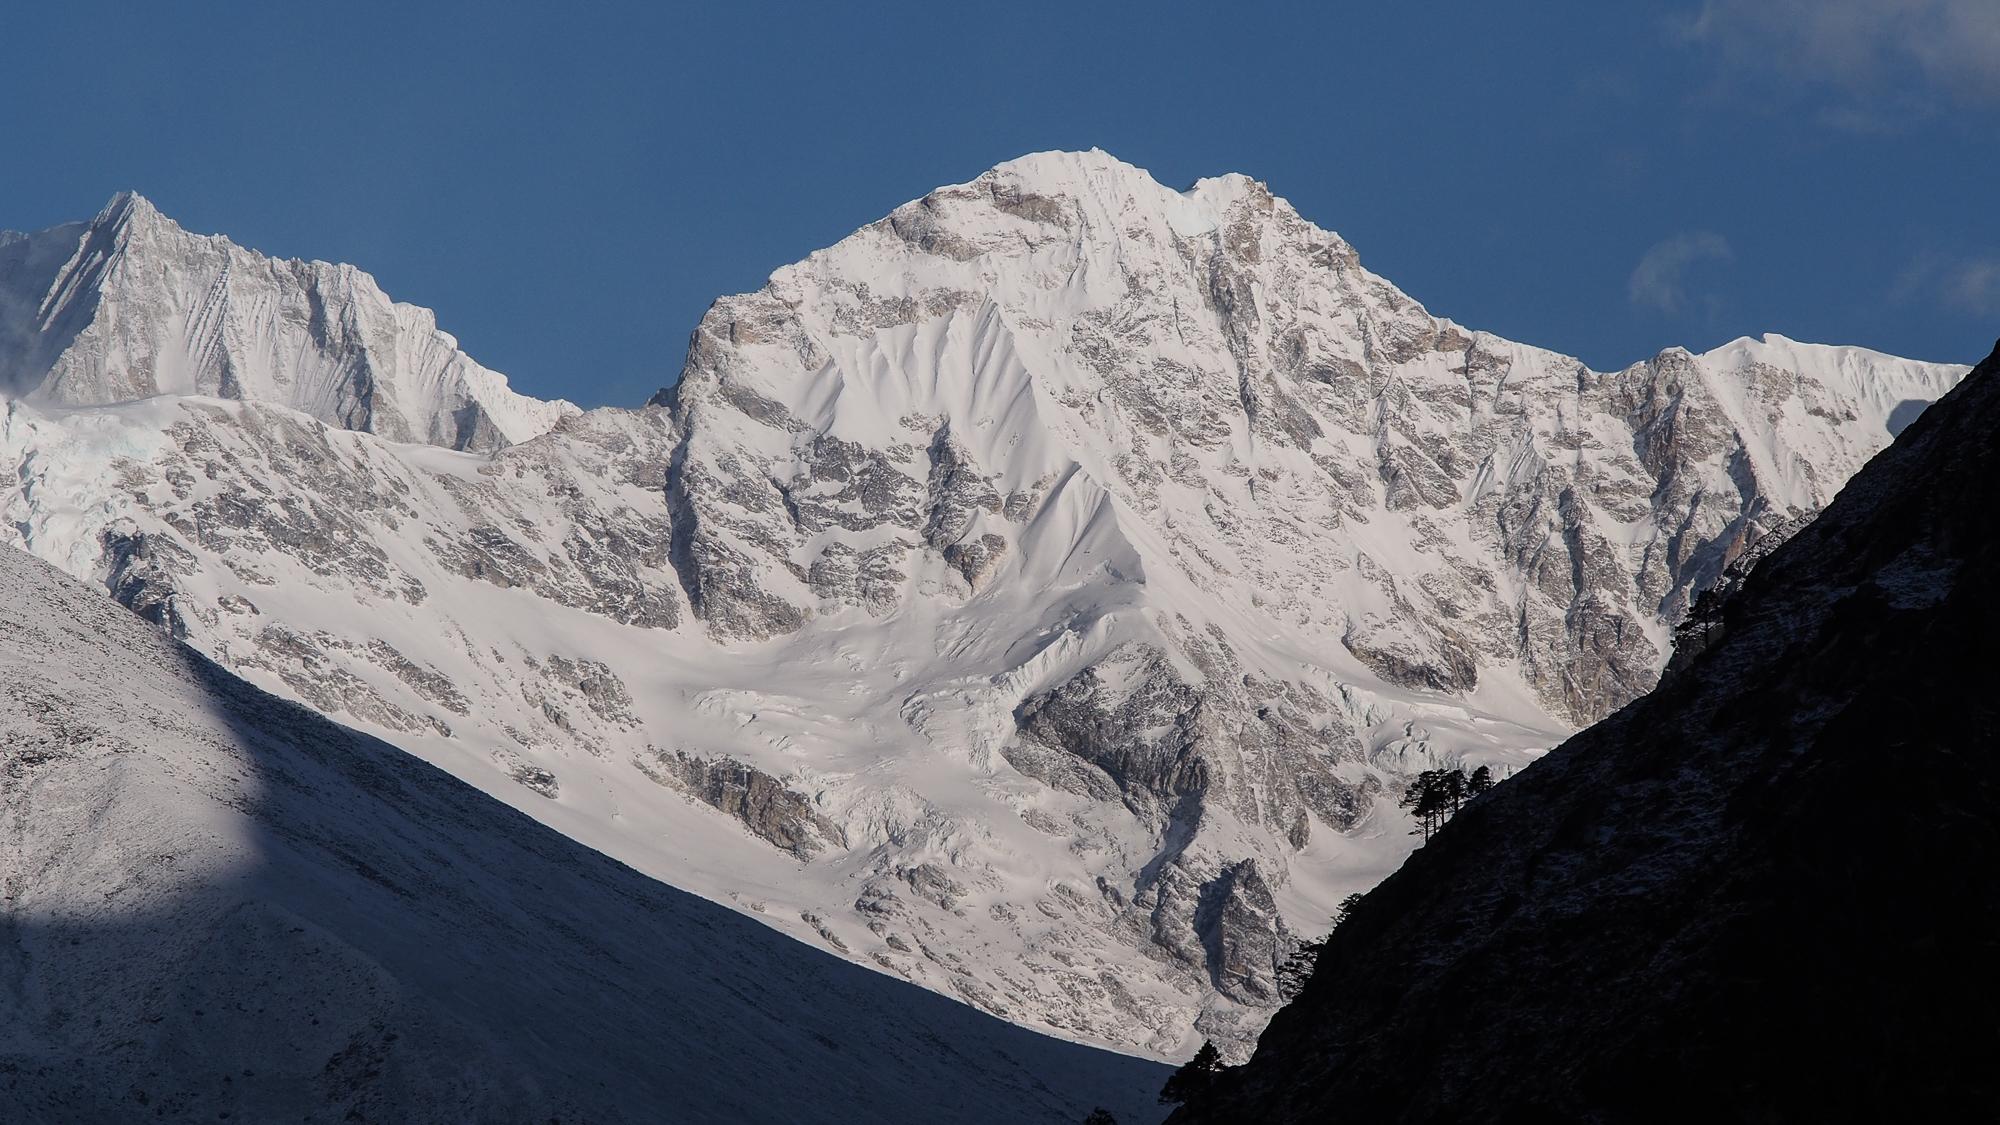 Cholatse et Taboche peaks, Nepal